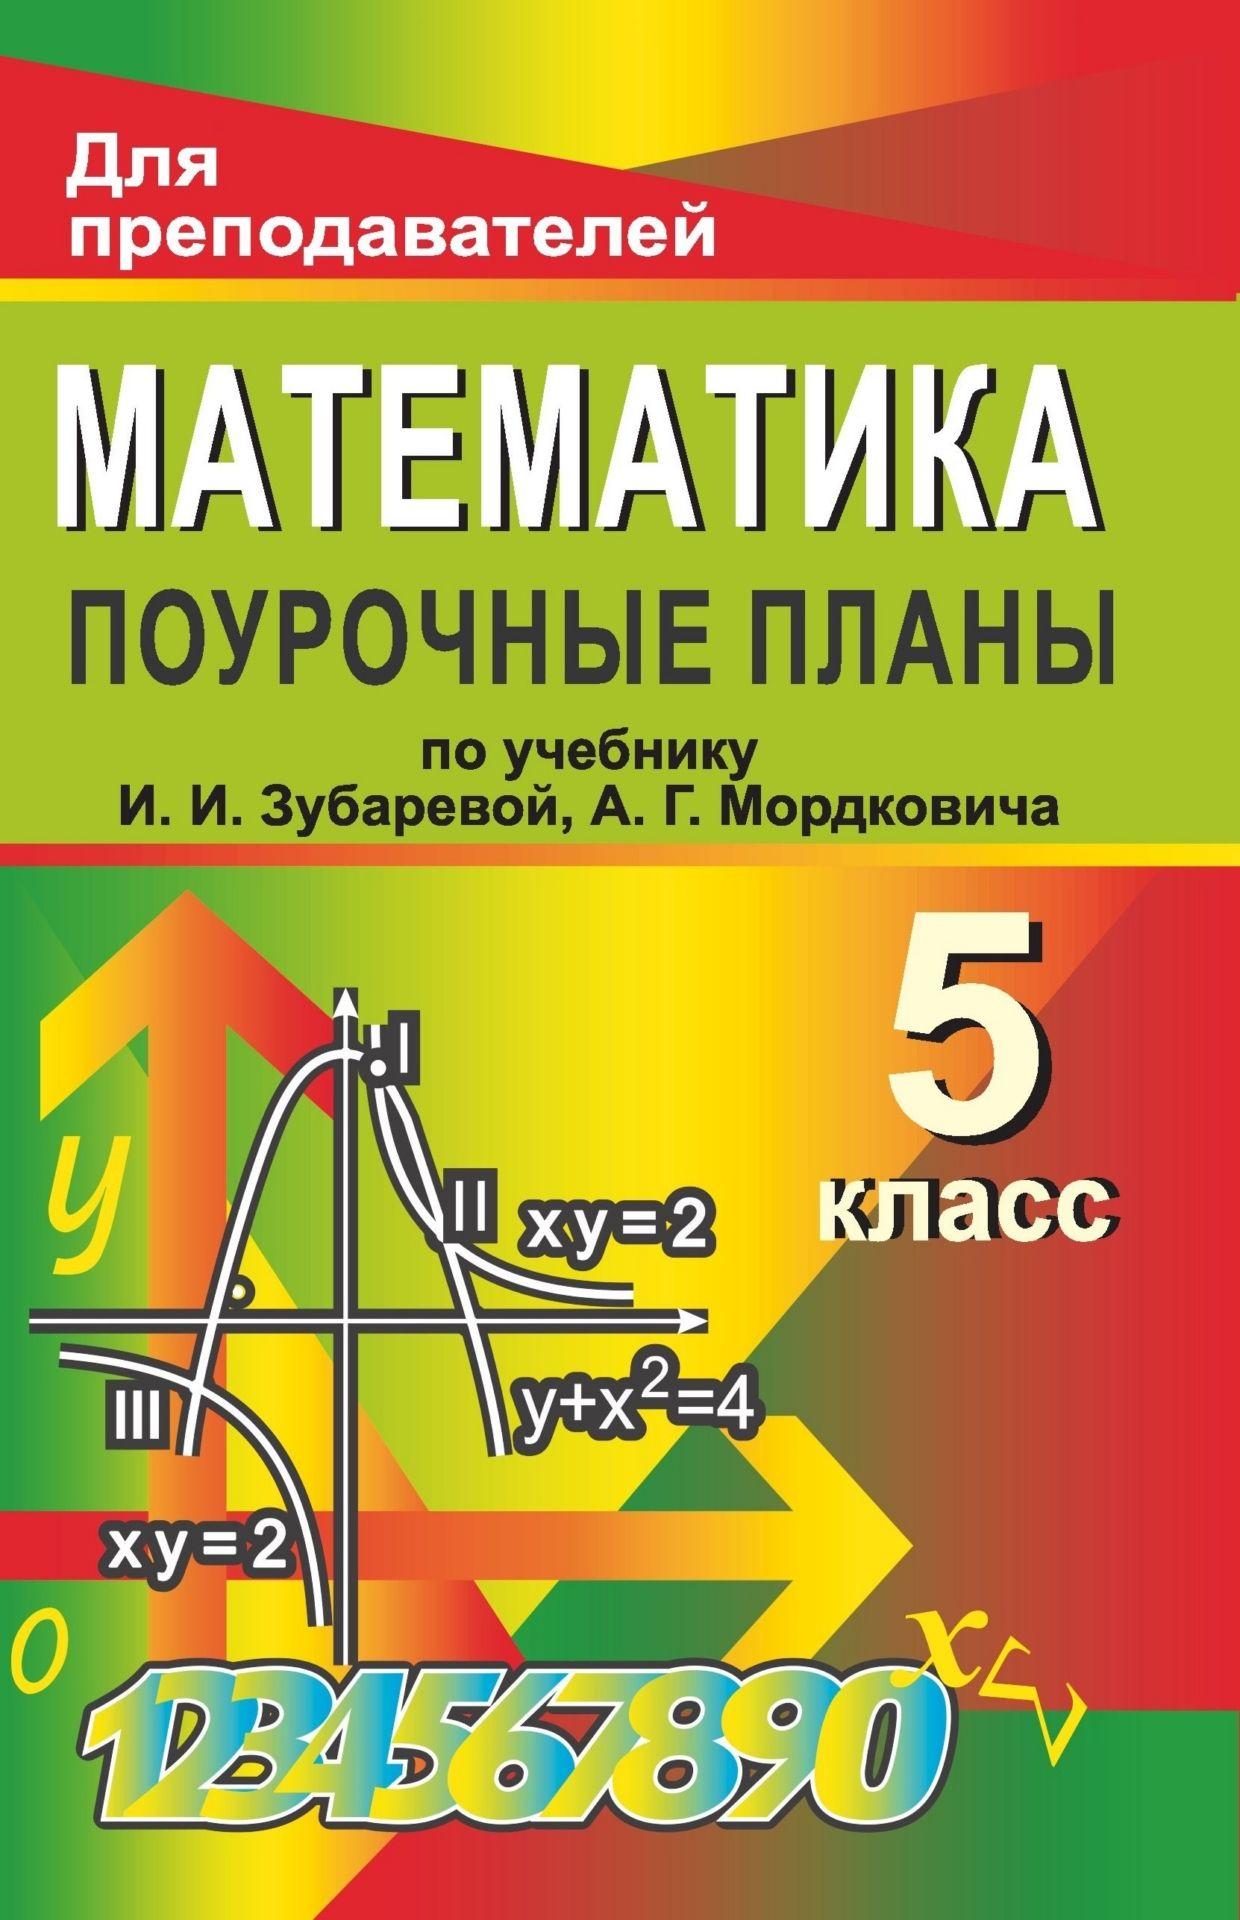 Рабочая программа по математике 5 класс мордкович по фгос